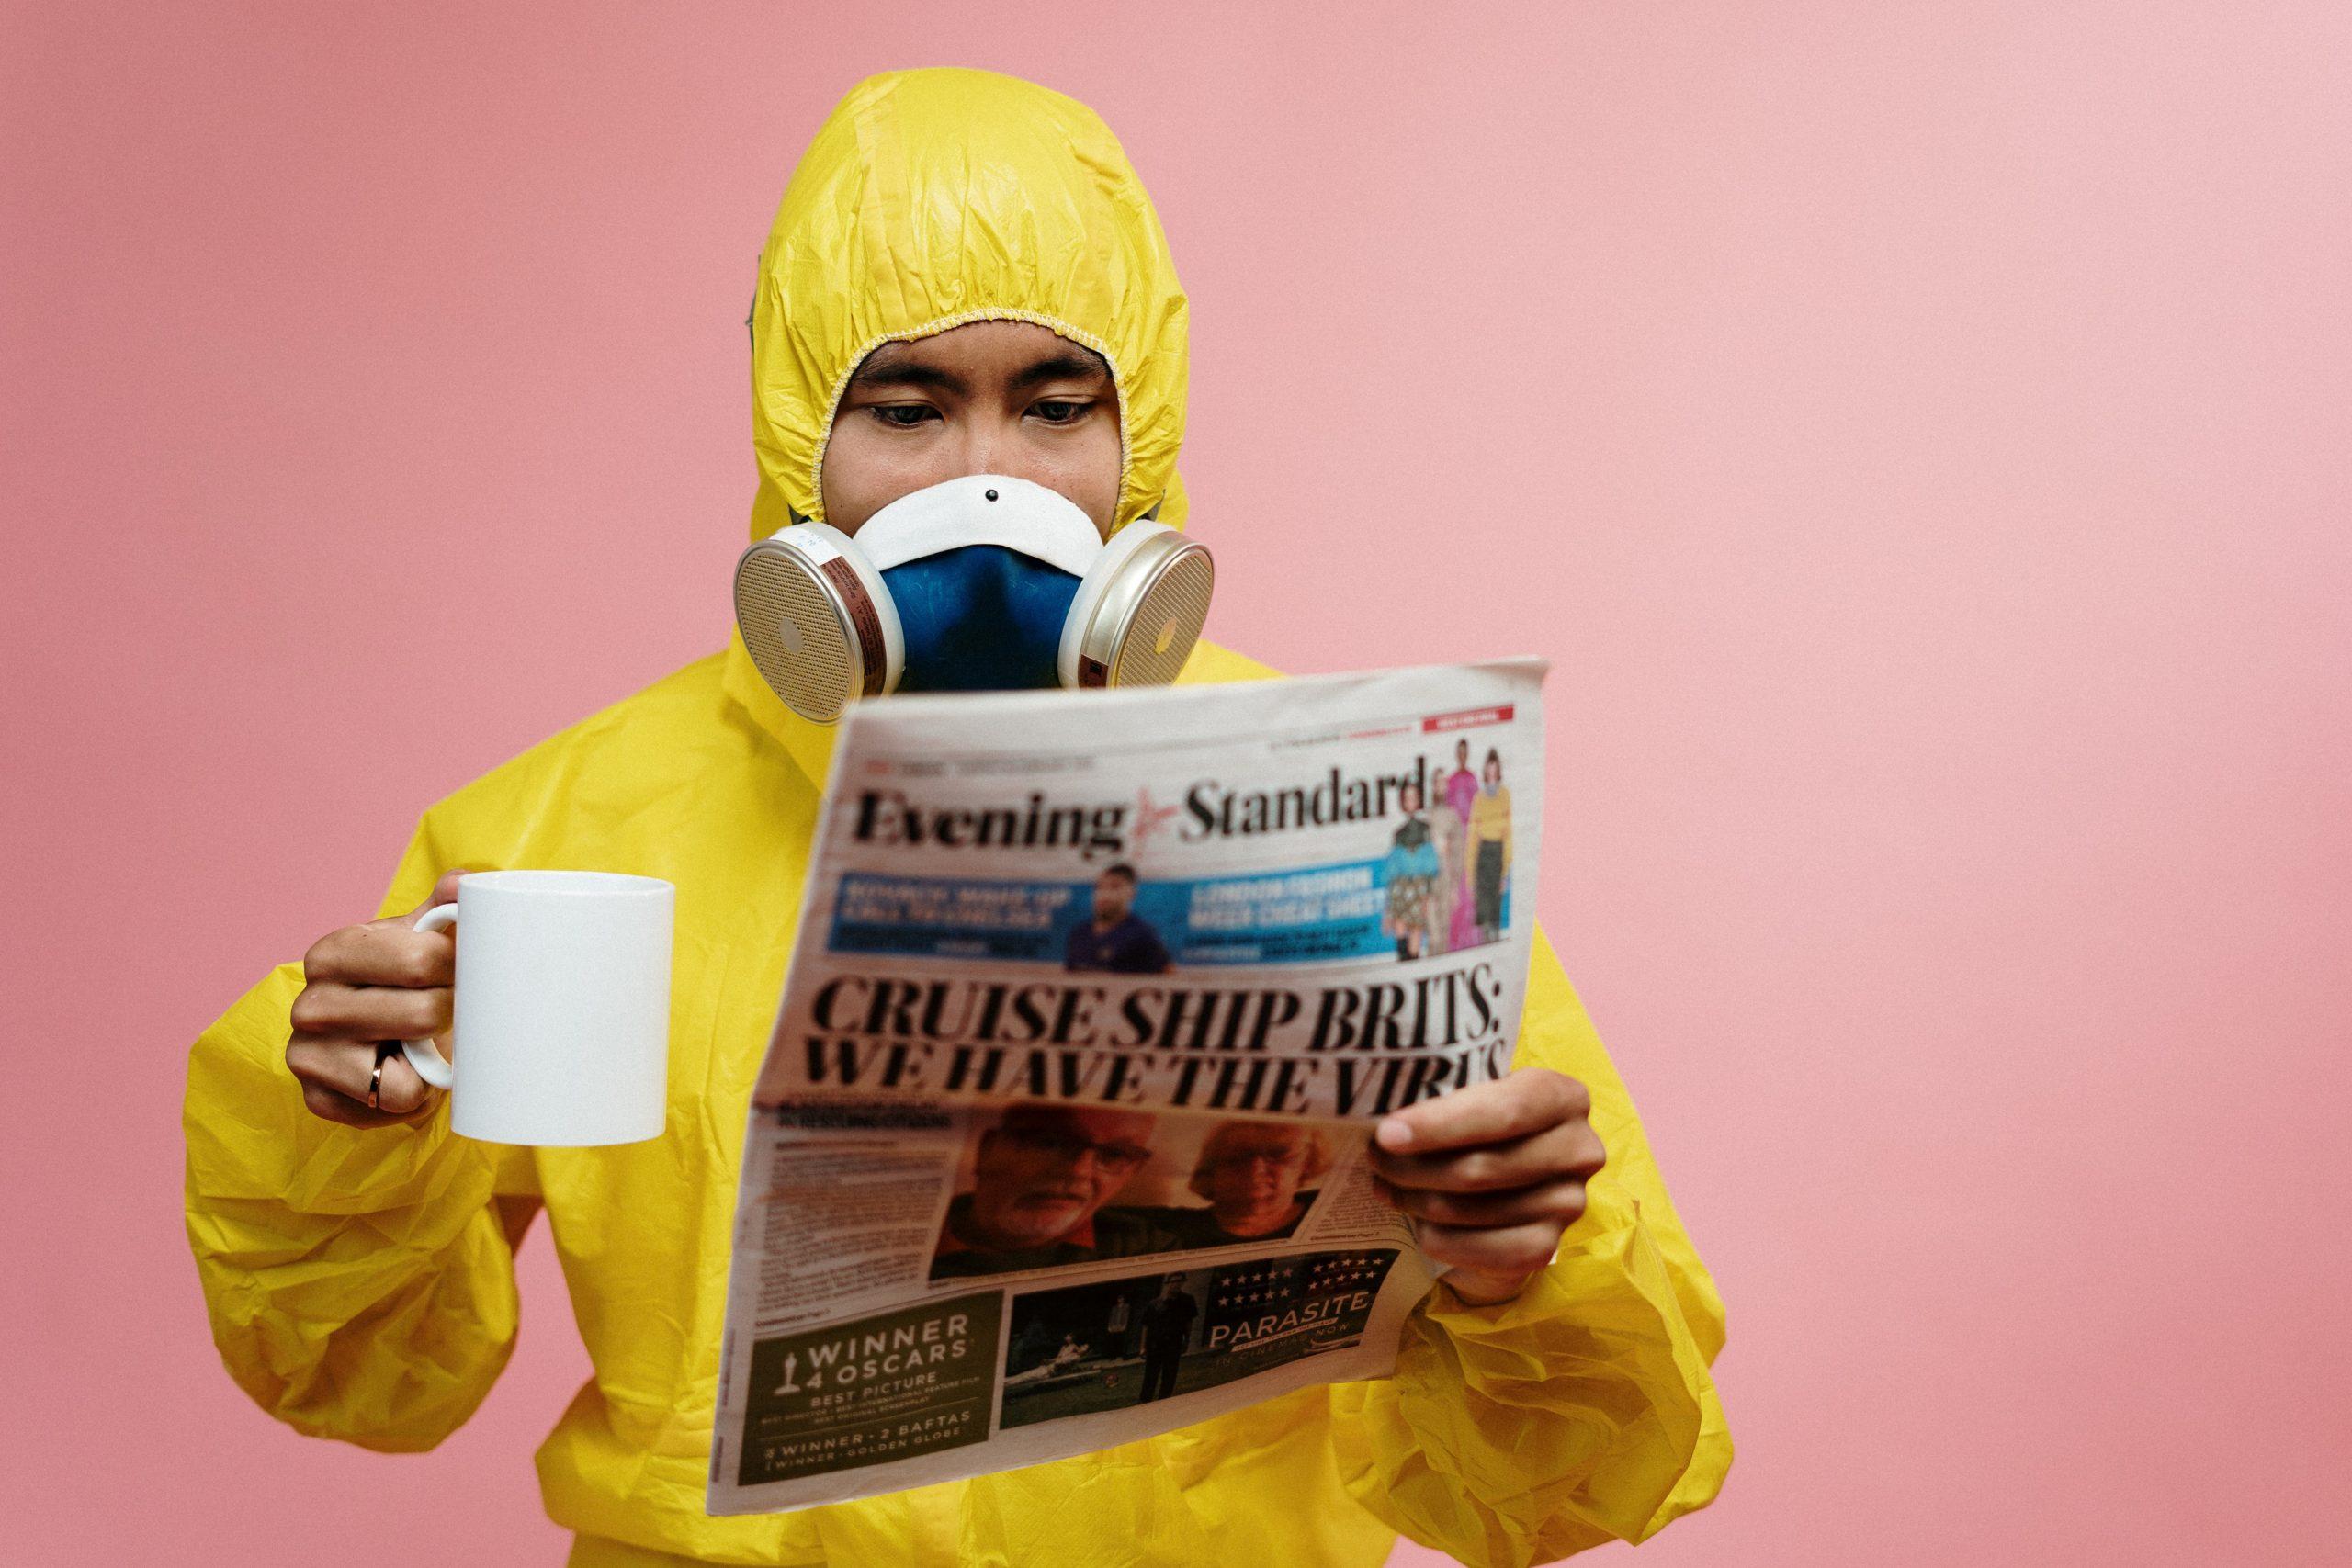 A man in a hazmat suit reads the paper